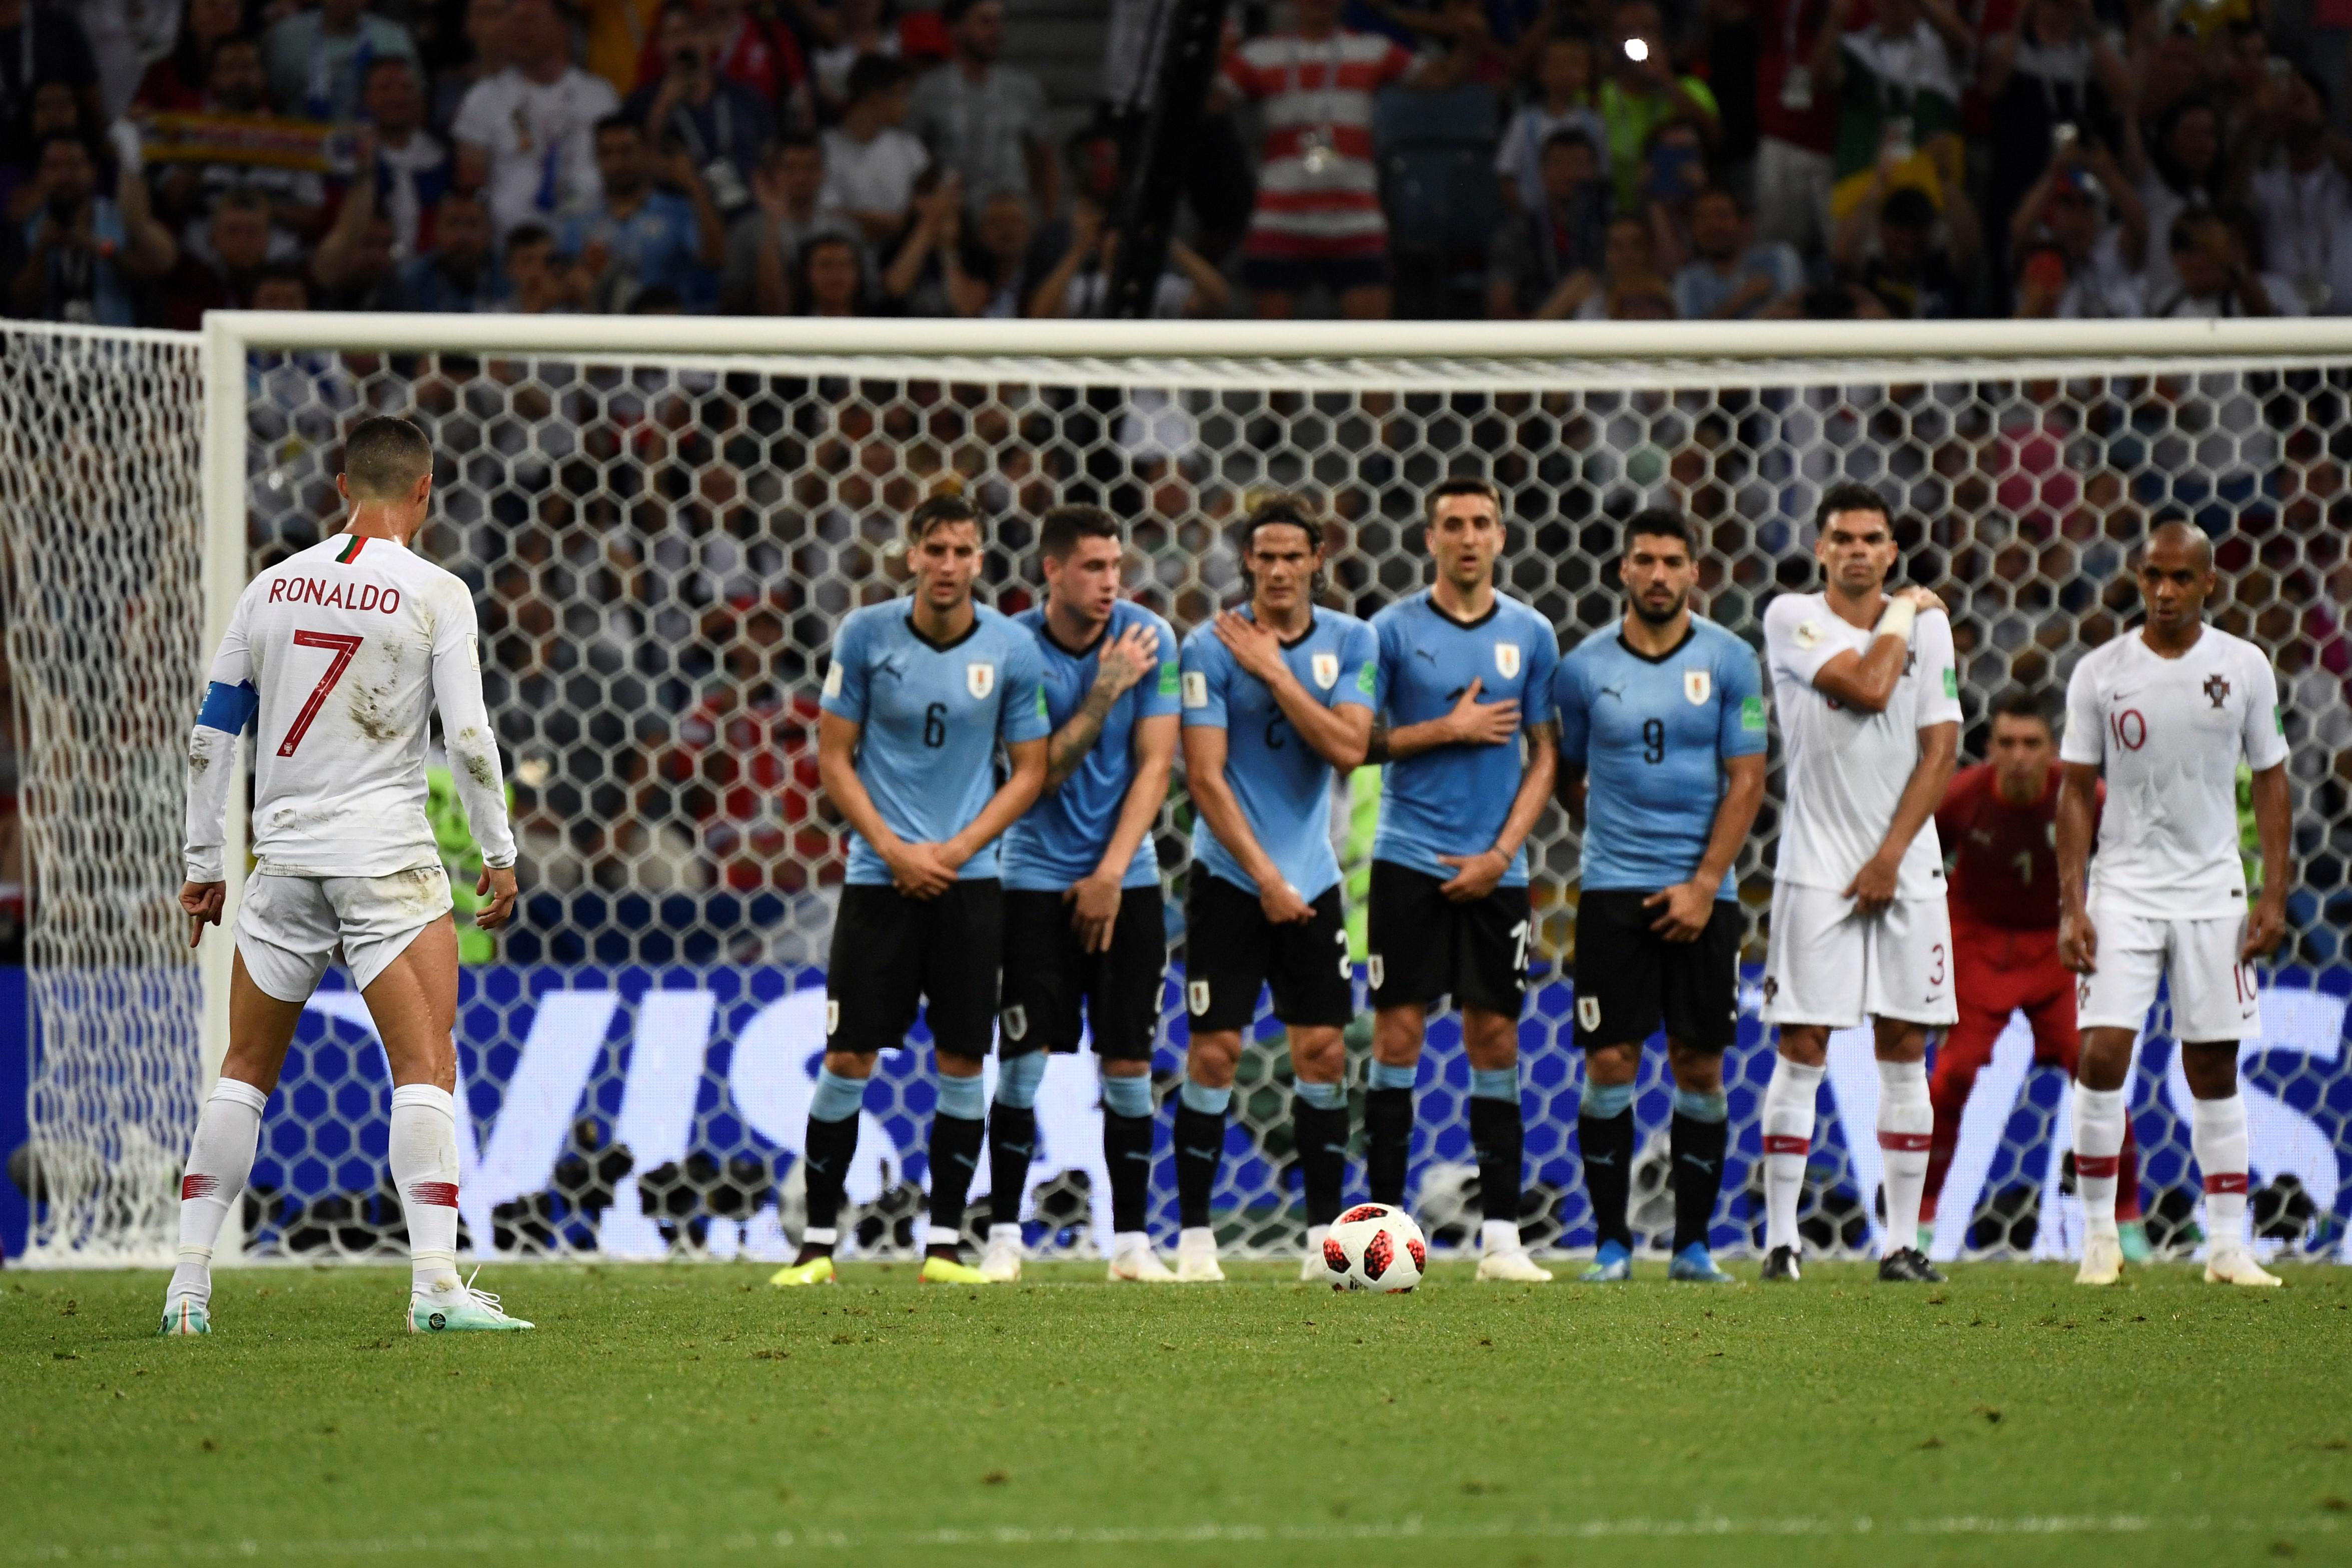 Portugal's forward Cristiano Ronaldo gets ready to kick a free kick.